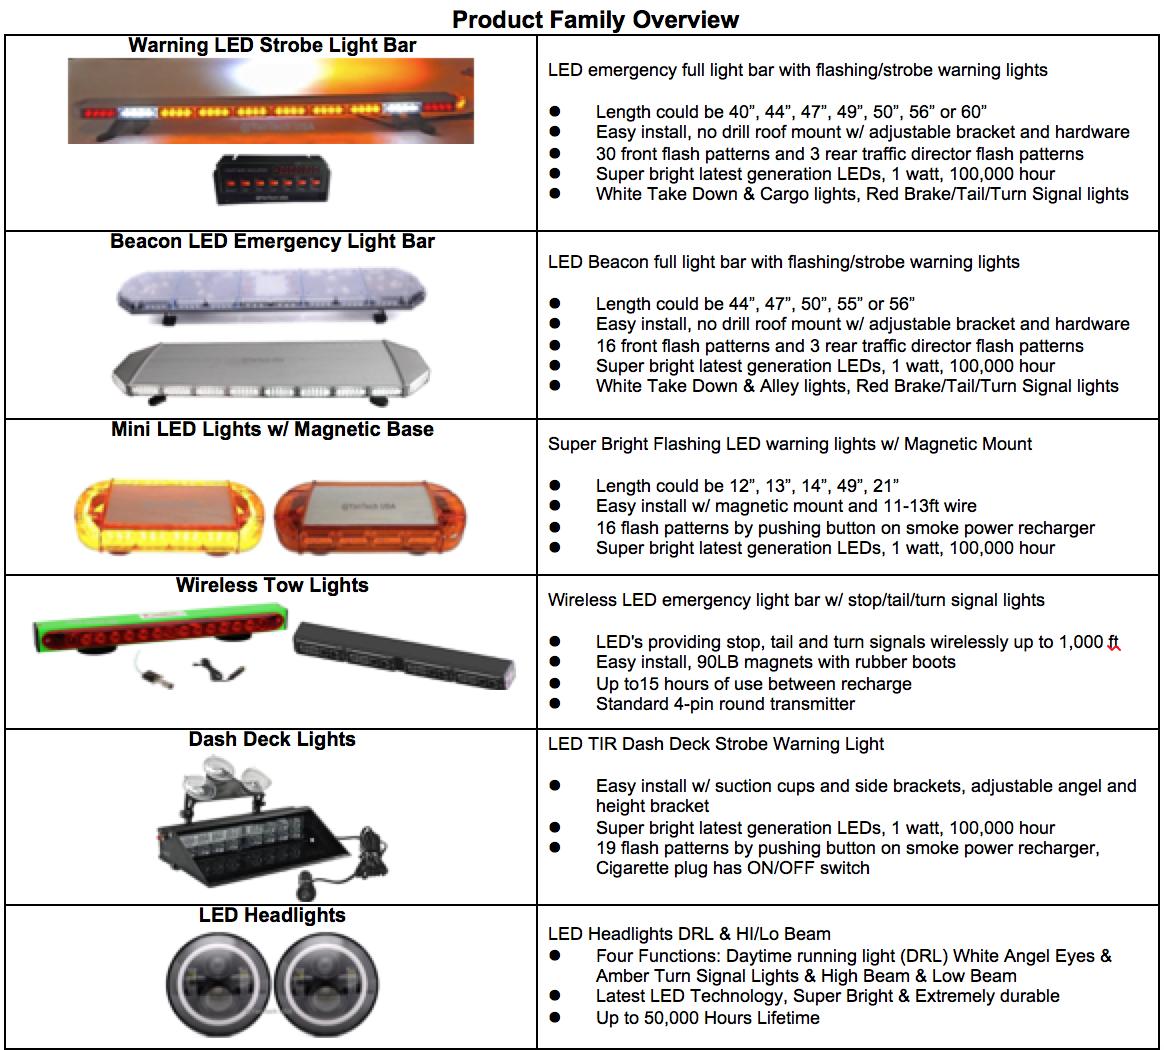 Yantech Llc Warning Lights And Strobe Light Bar Product Overview Amber Led Light Bar Bar Lighting Led Light Bars